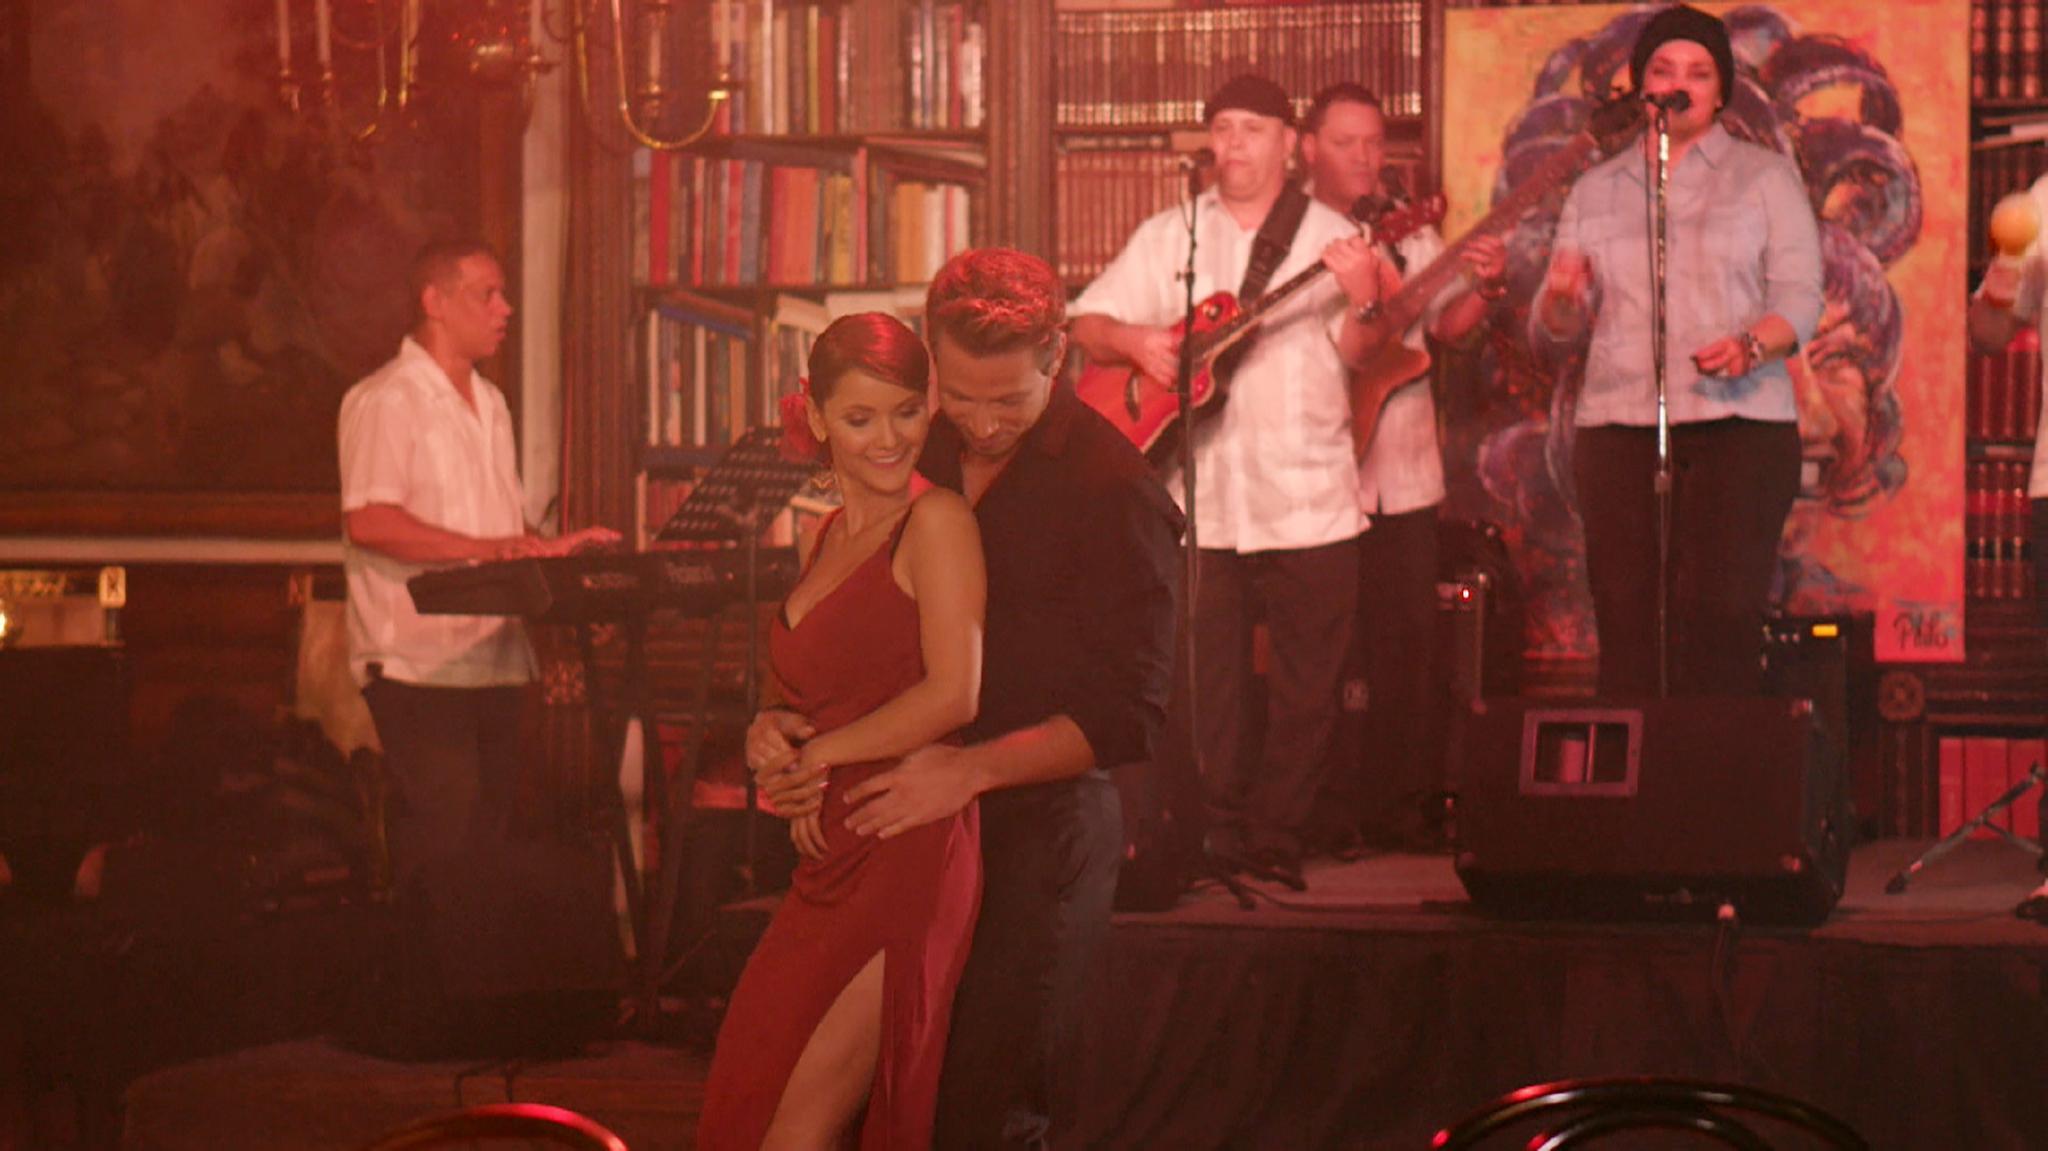 Kattia und Sebastian kommen sich beim Salsa tanzen näher.